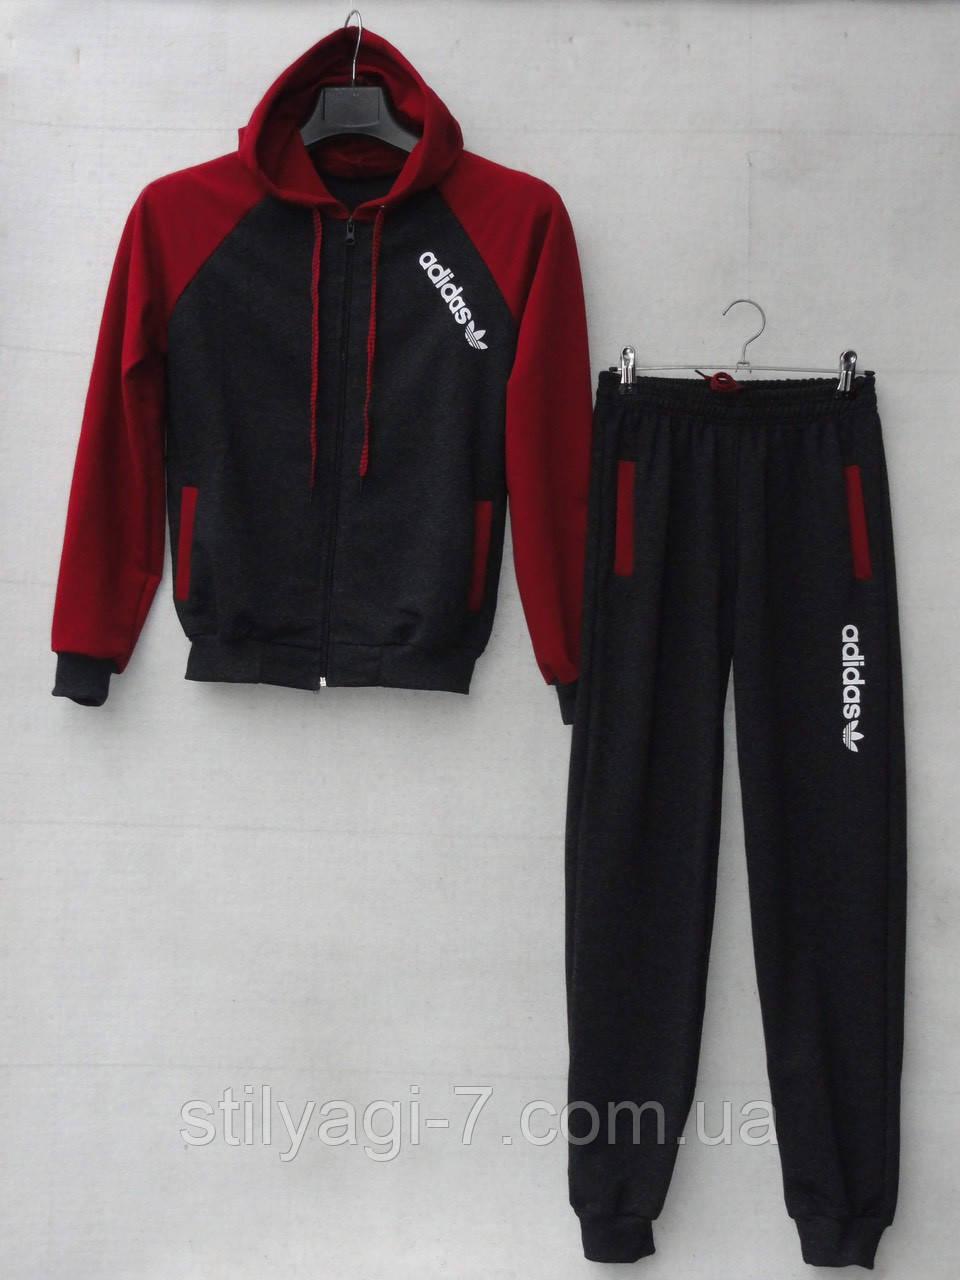 Спортивный костюм для мальчика на 8-12 лет черного с бордовым цвета c капюшоном Adidas оптом